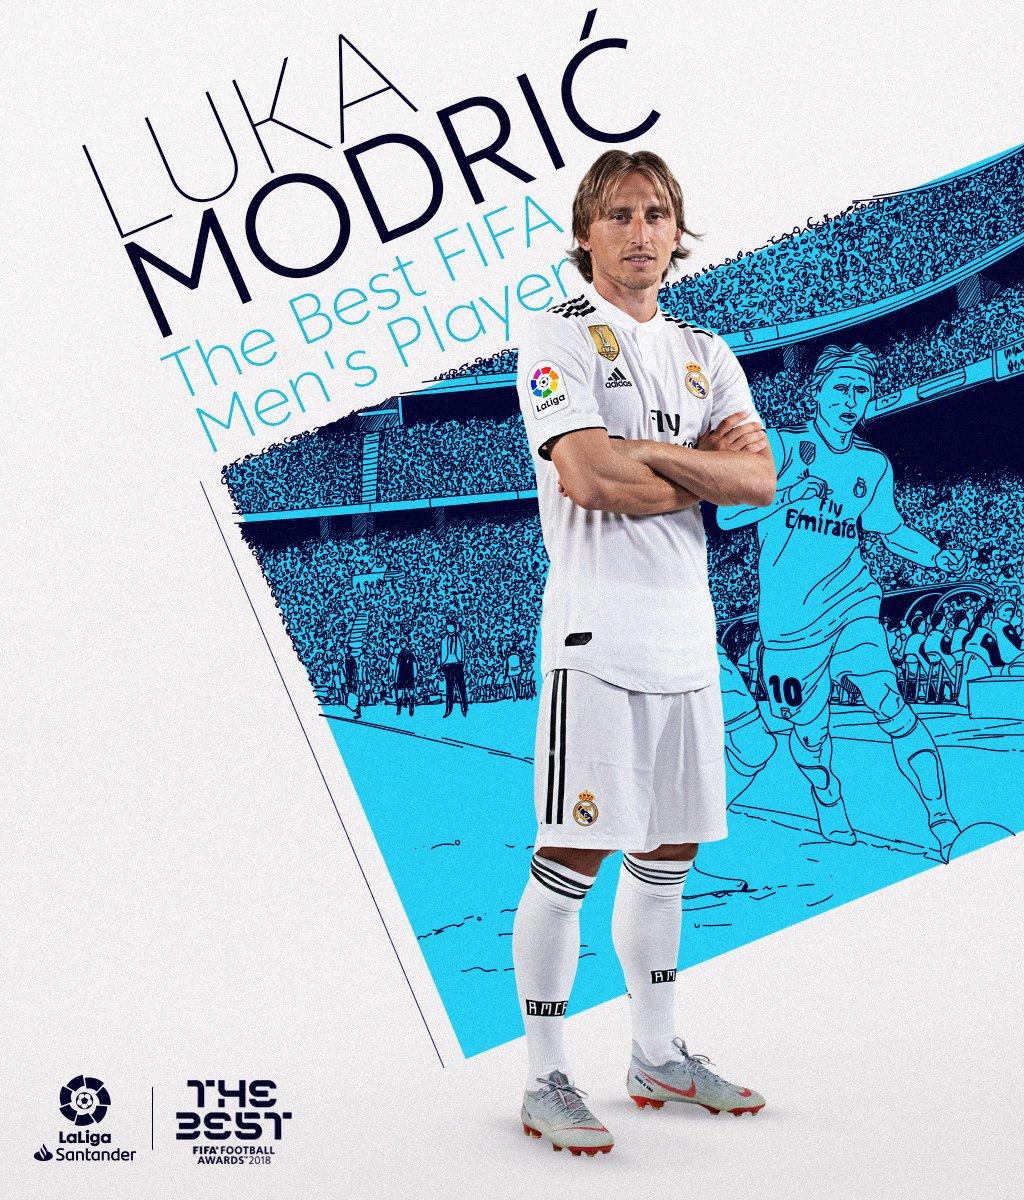 🥇¡@lukamodric10 es THE BEST! 🥇  El jugador del @realmadrid, galardonado con el premio #TheBest FIFA Men's Player.